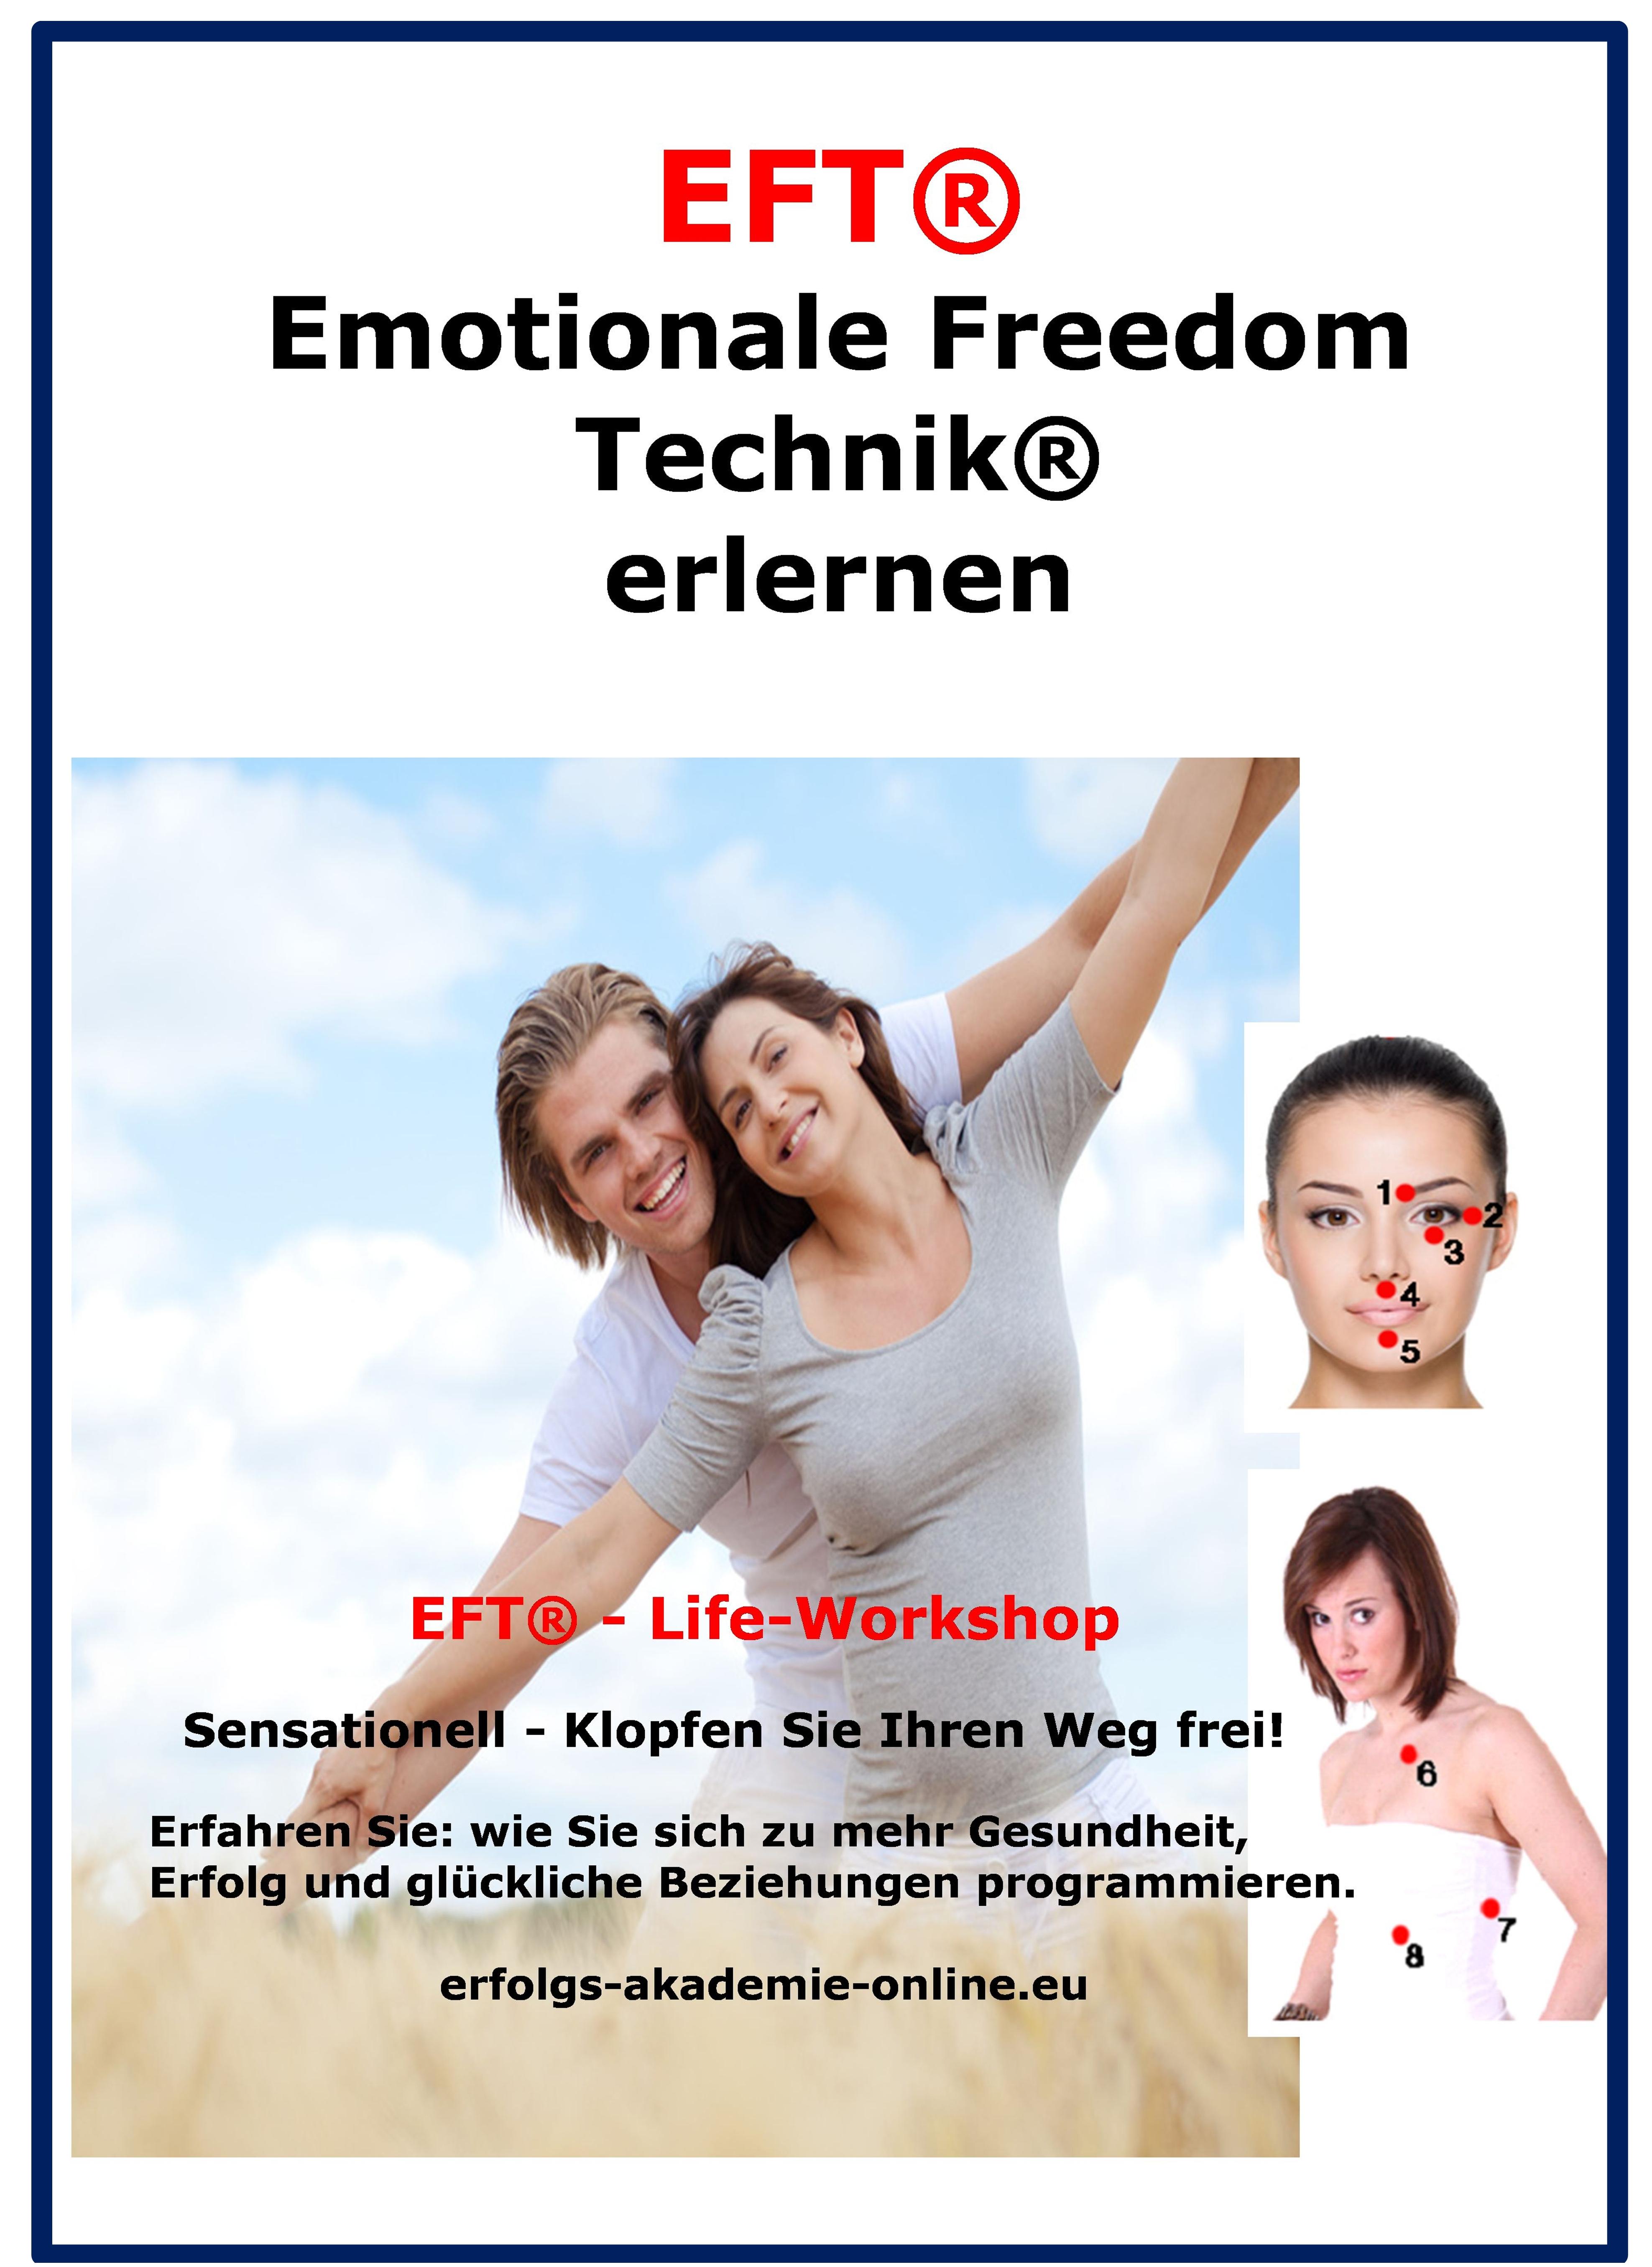 Entfesseln Sie die volle Lebensenergie. EFT Workshop